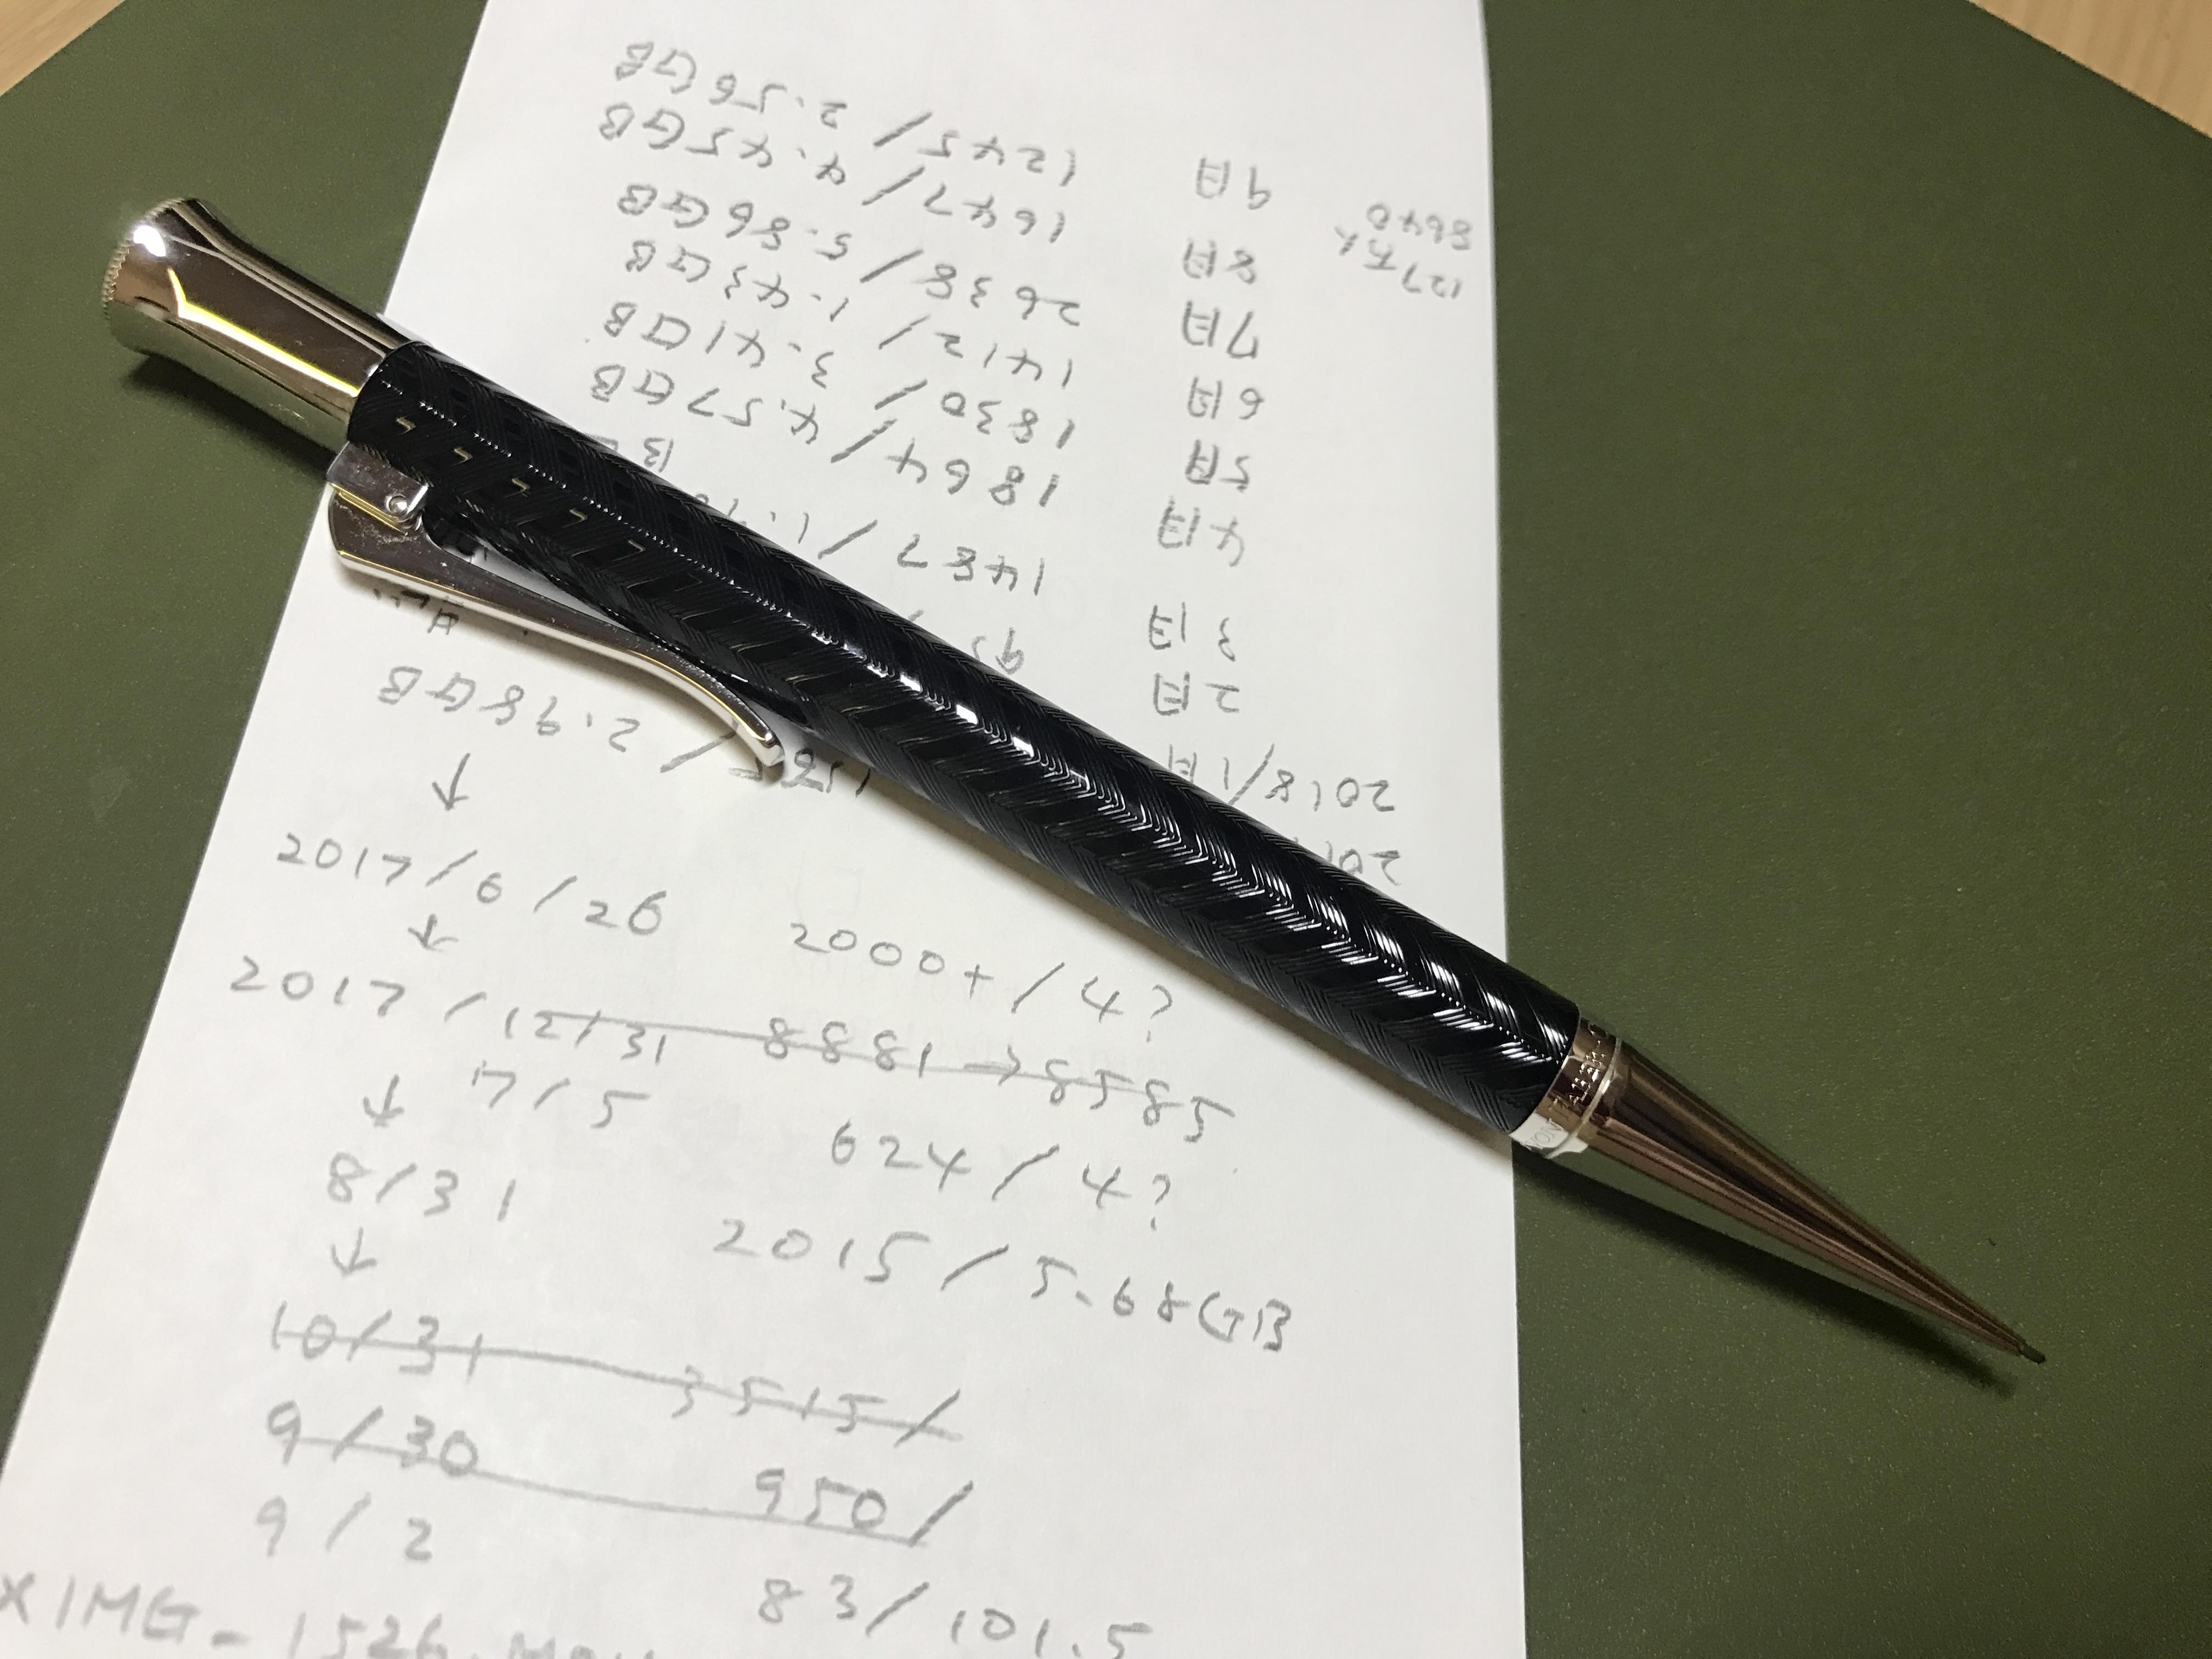 小日向京のひねもす文房具 第百六十二回「ファーバーカステル 伯爵コレクション ギロシェ シェヴロン ペンシル」